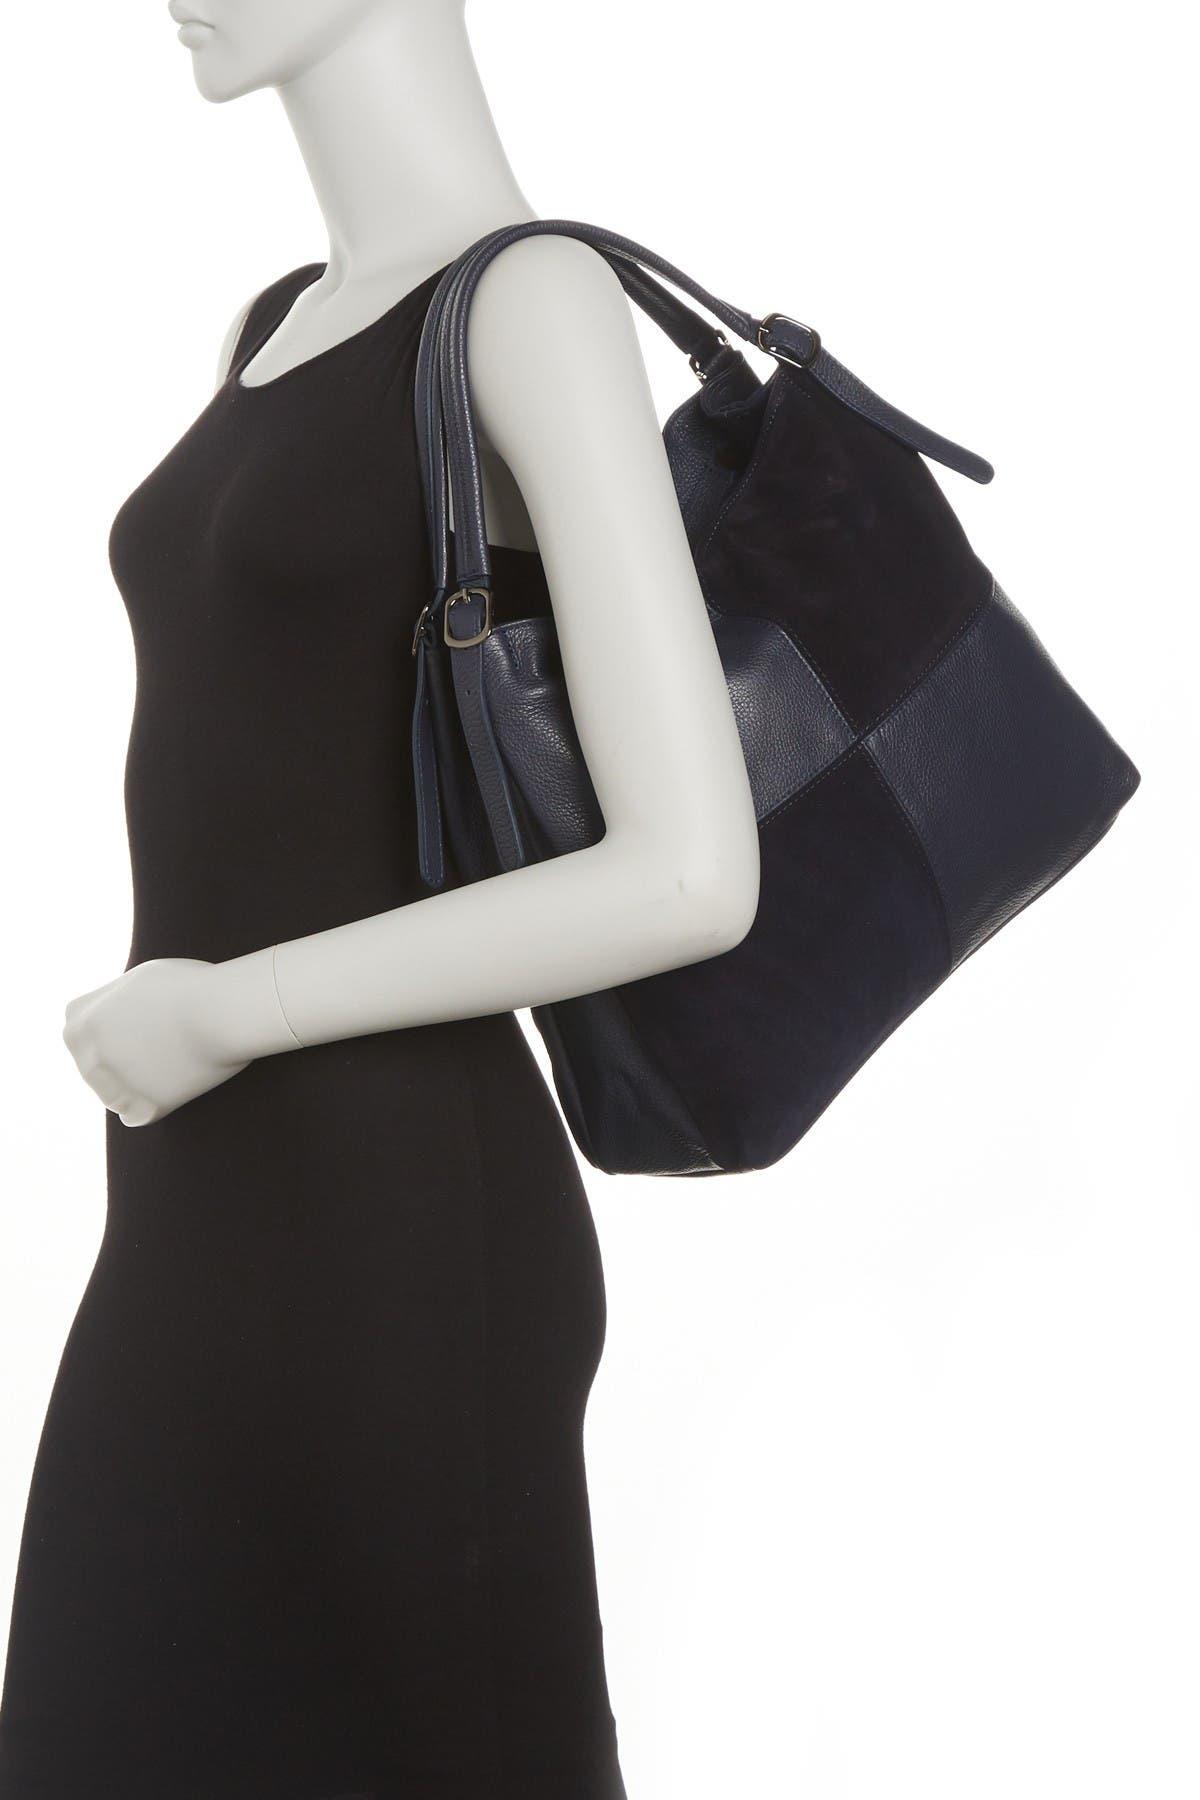 Image of Carla Ferreri Patchwork Leather Shoulder Bag